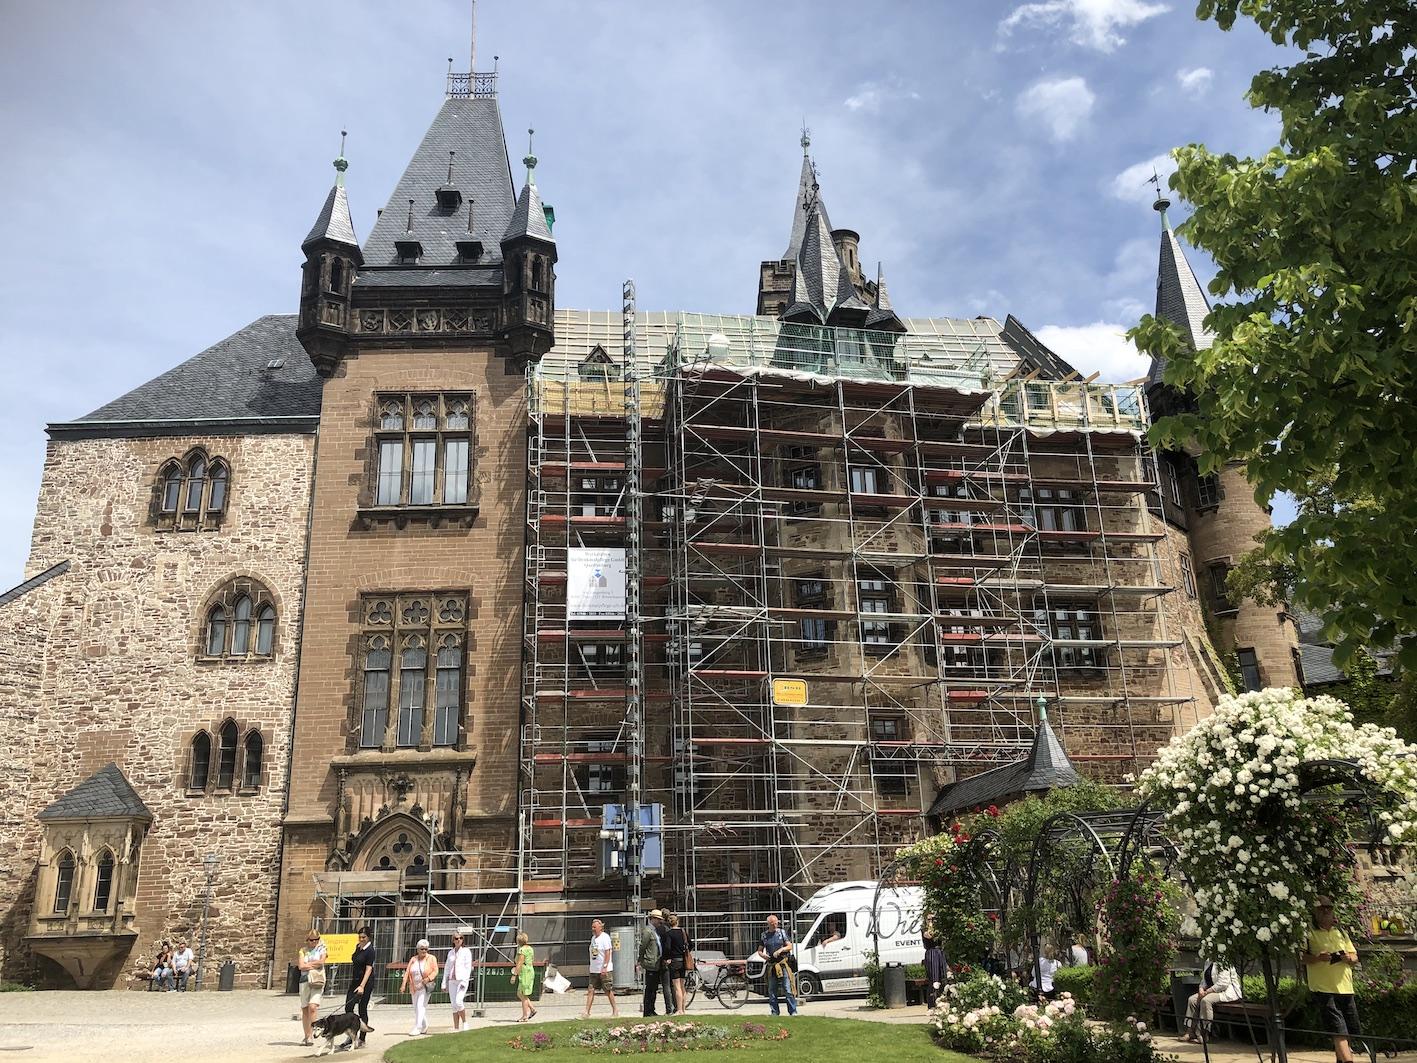 Aktuell wird das Schloss teilsaniert, weswegen nicht alle Räume besucht werden können.  ©ADELSWELT